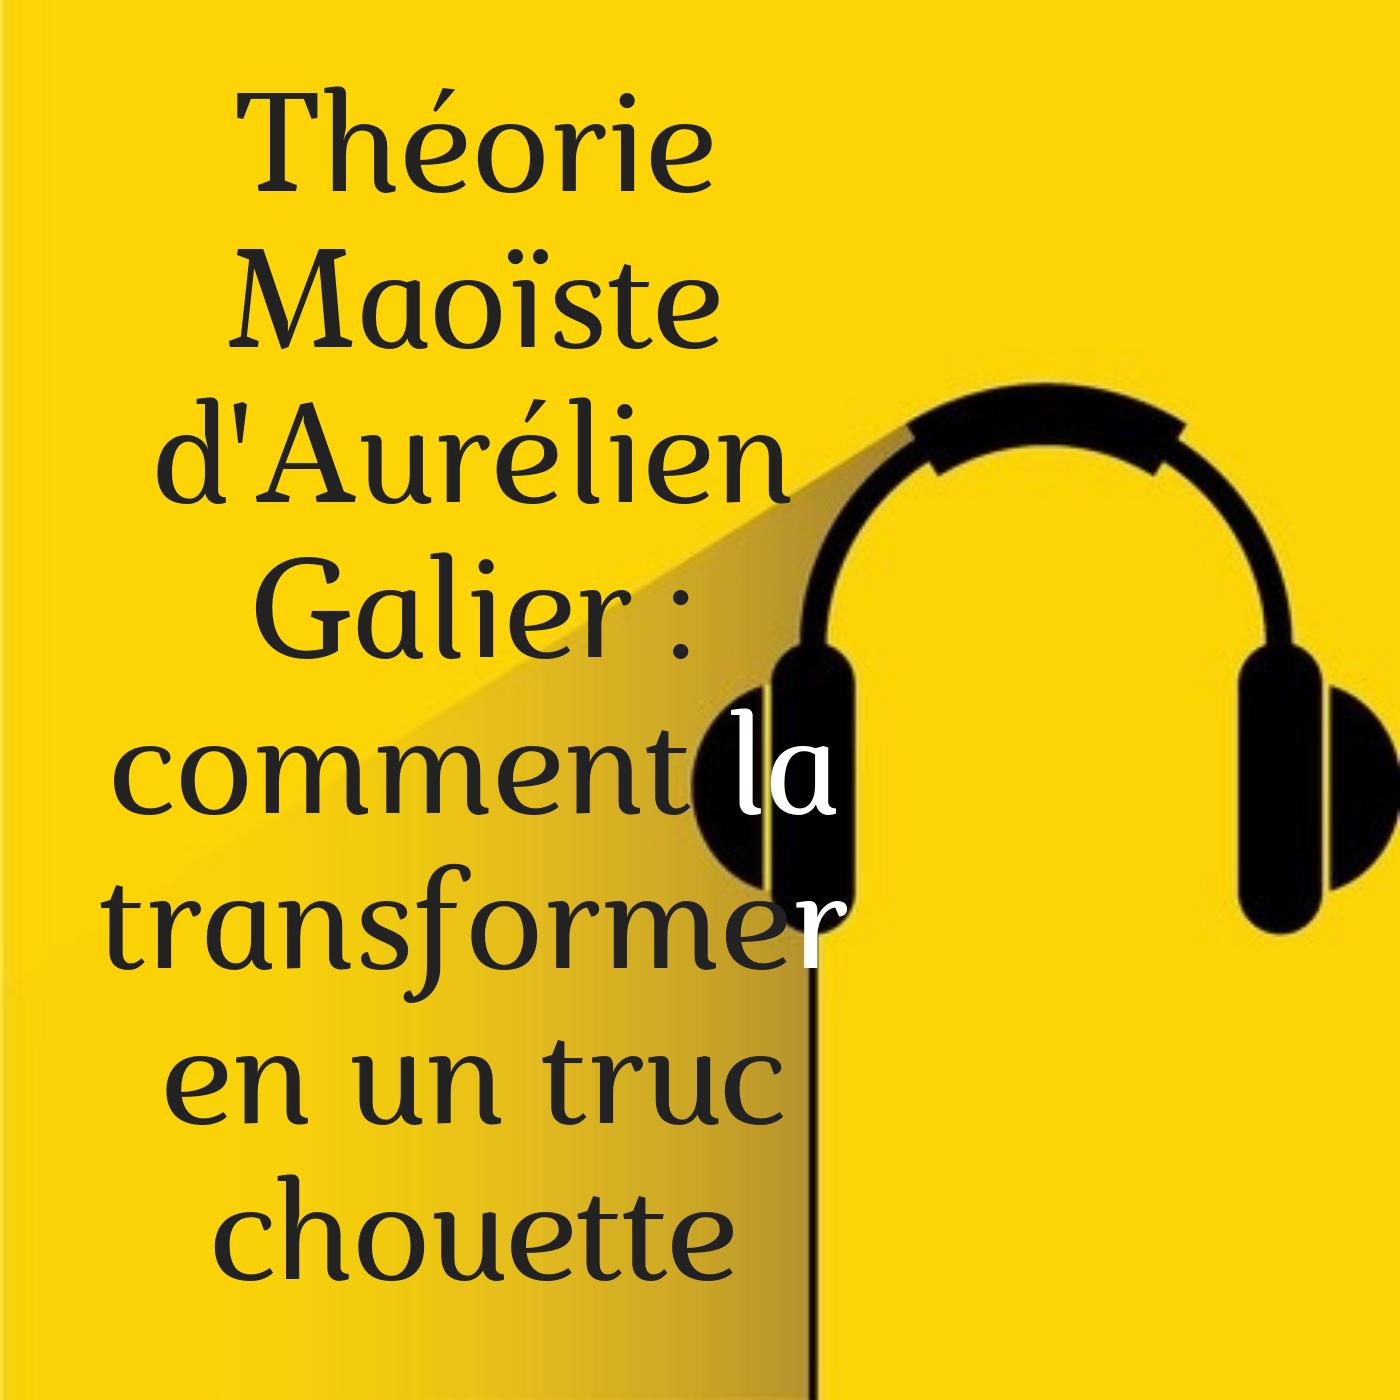 La théorie Maoïste d'Aurélien Gallier et son compère Sébastien